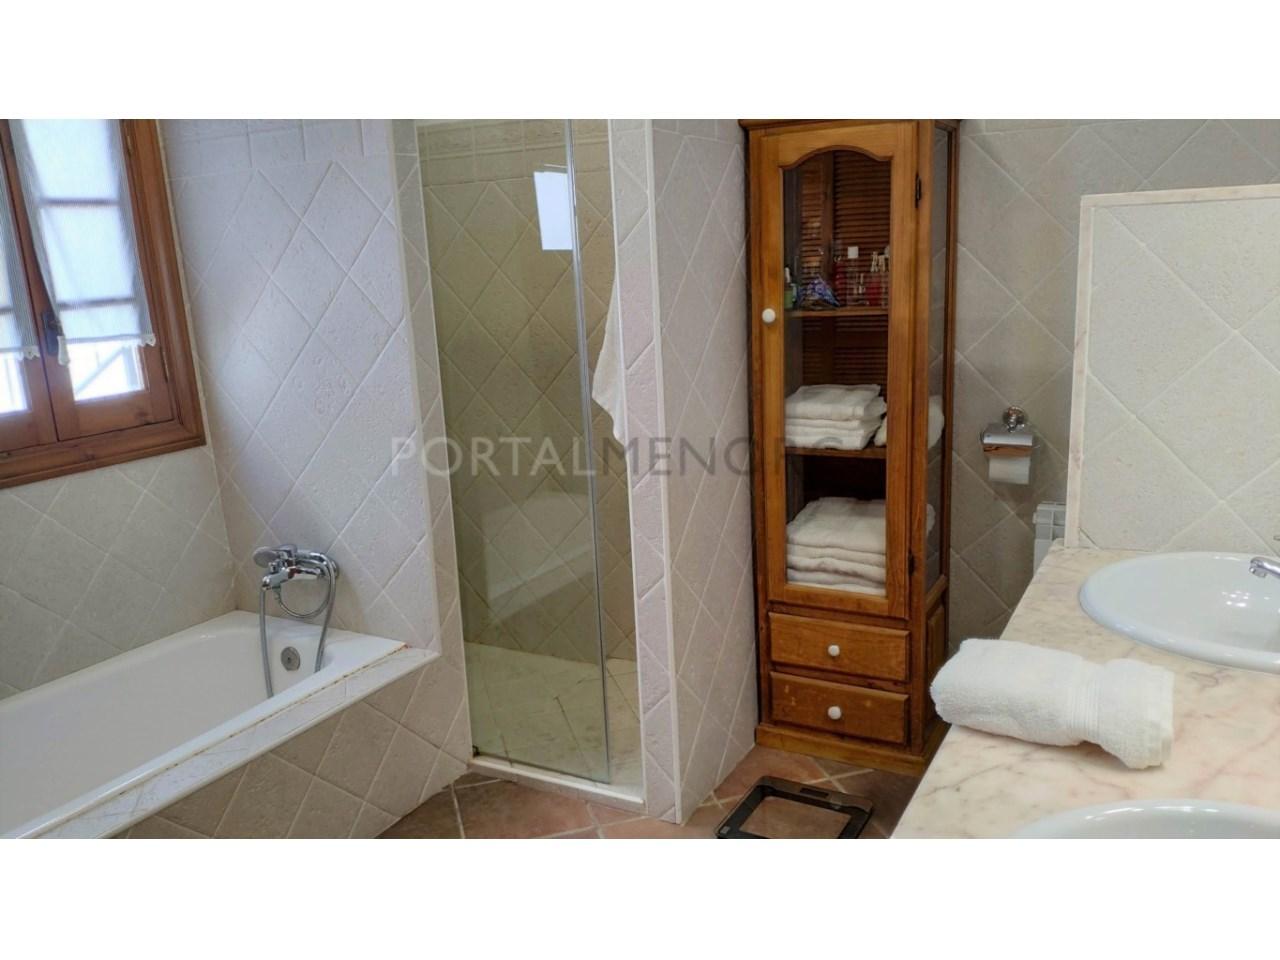 Casa con patio en venta en el casco histórico de Ciutadella - baño suite 1